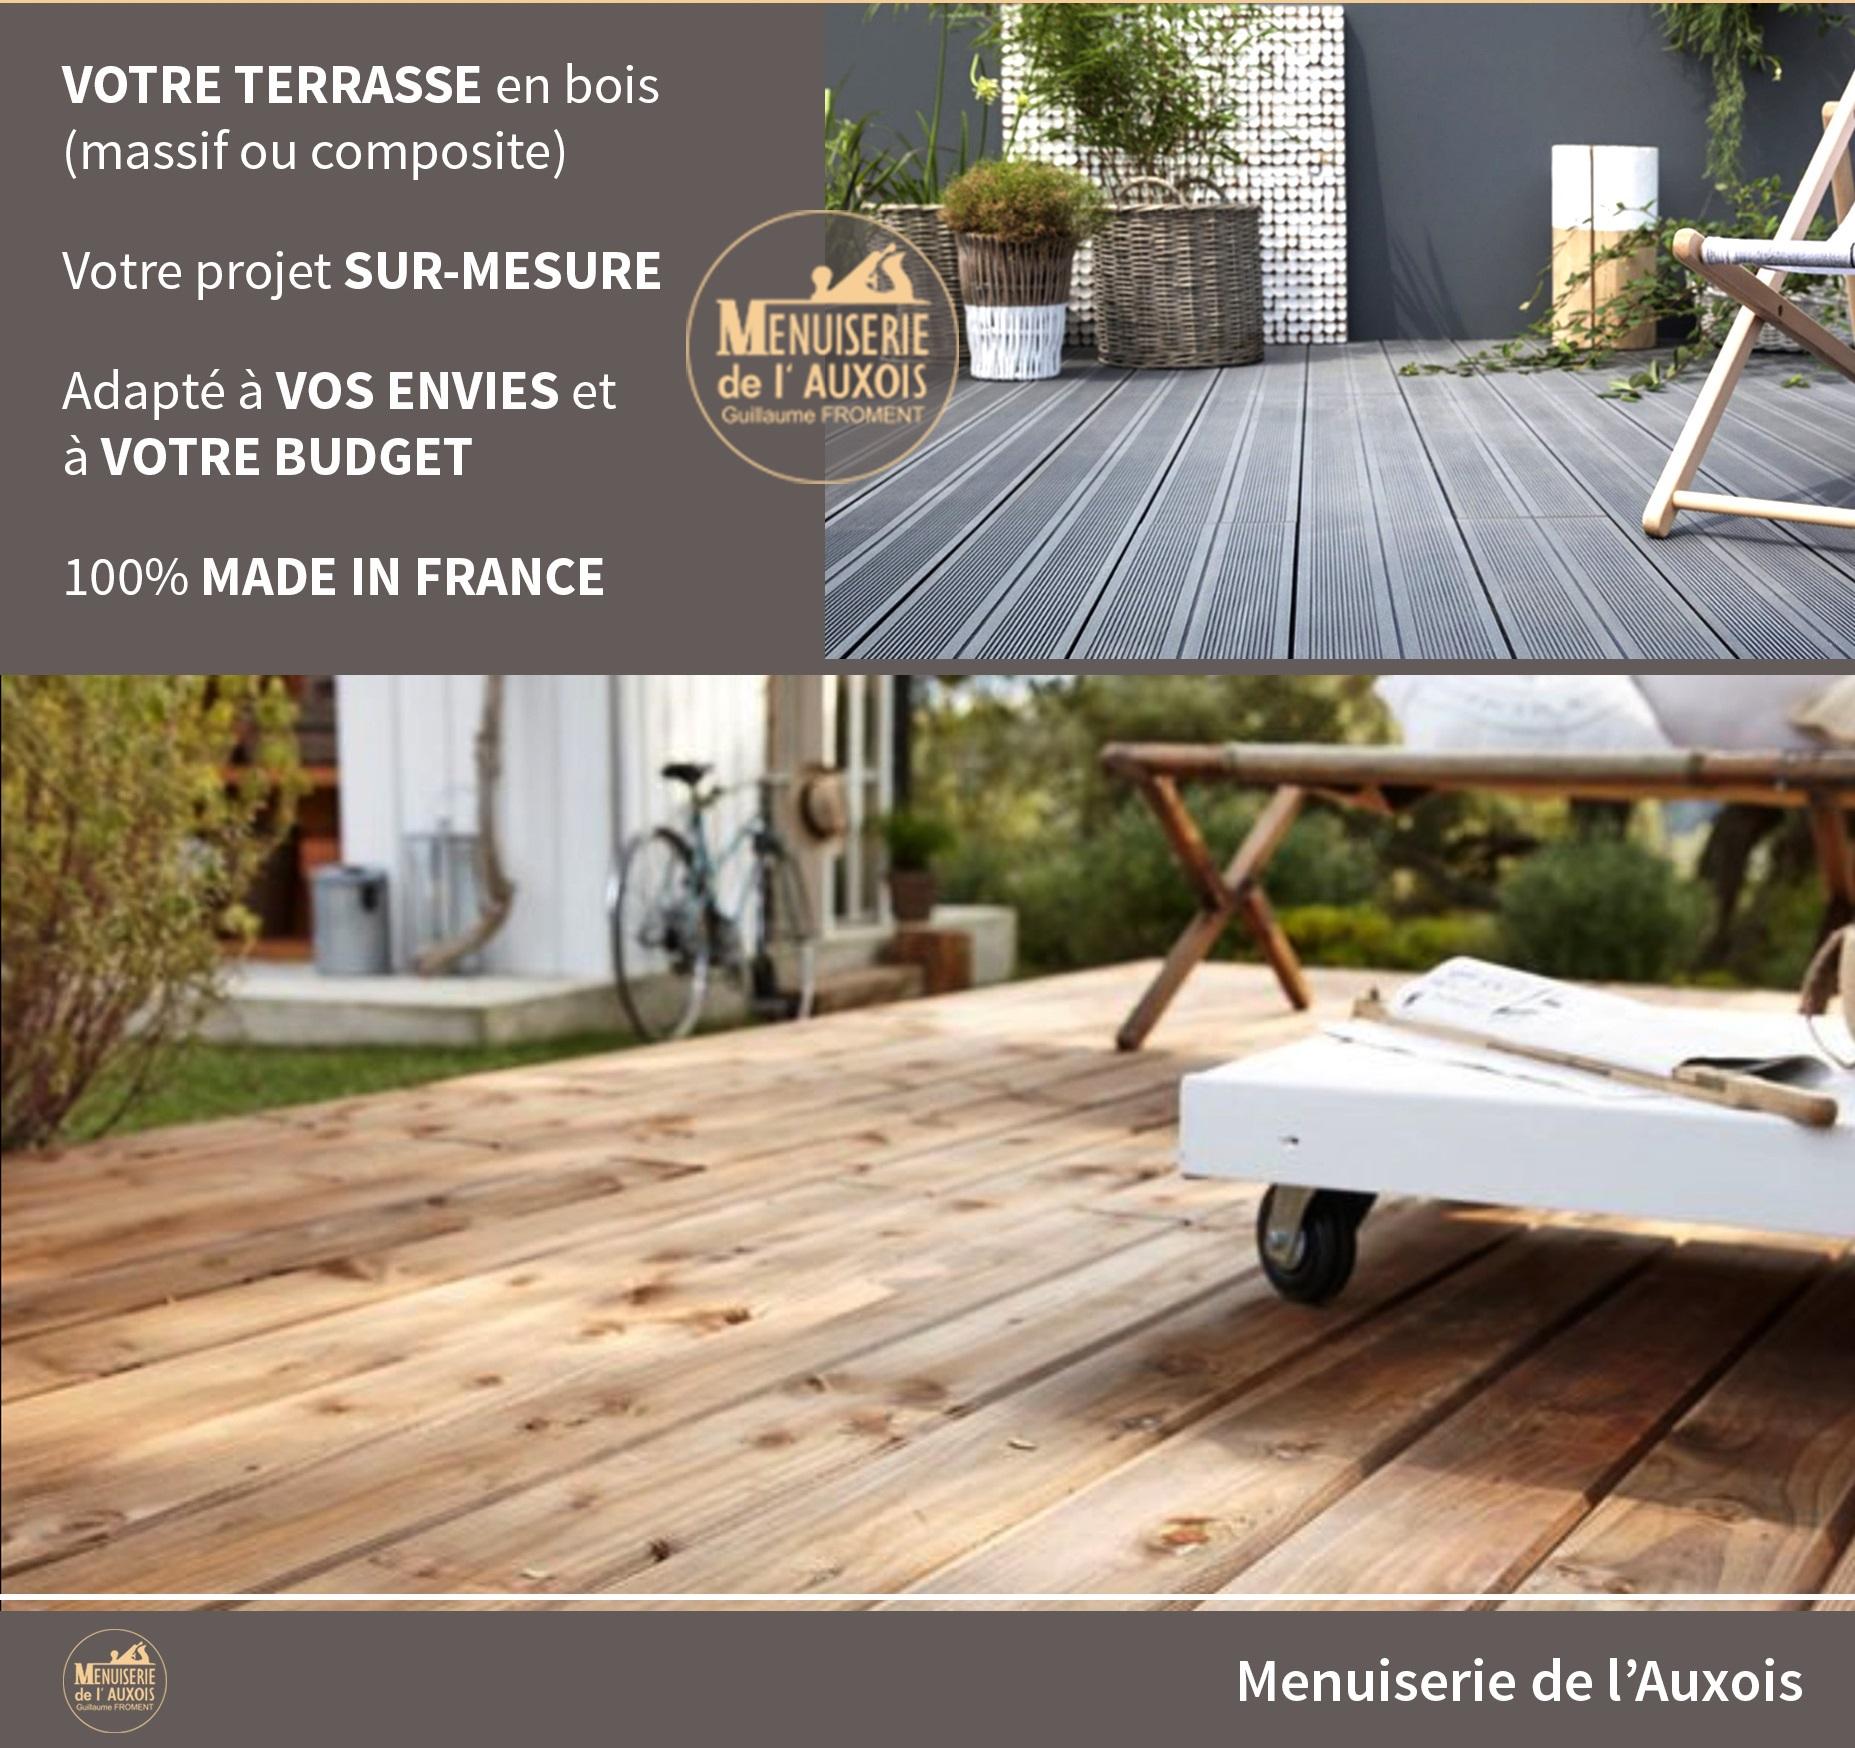 Vente Bois Pour Terrasse profitez de votre terrasse en bois (massif ou composite